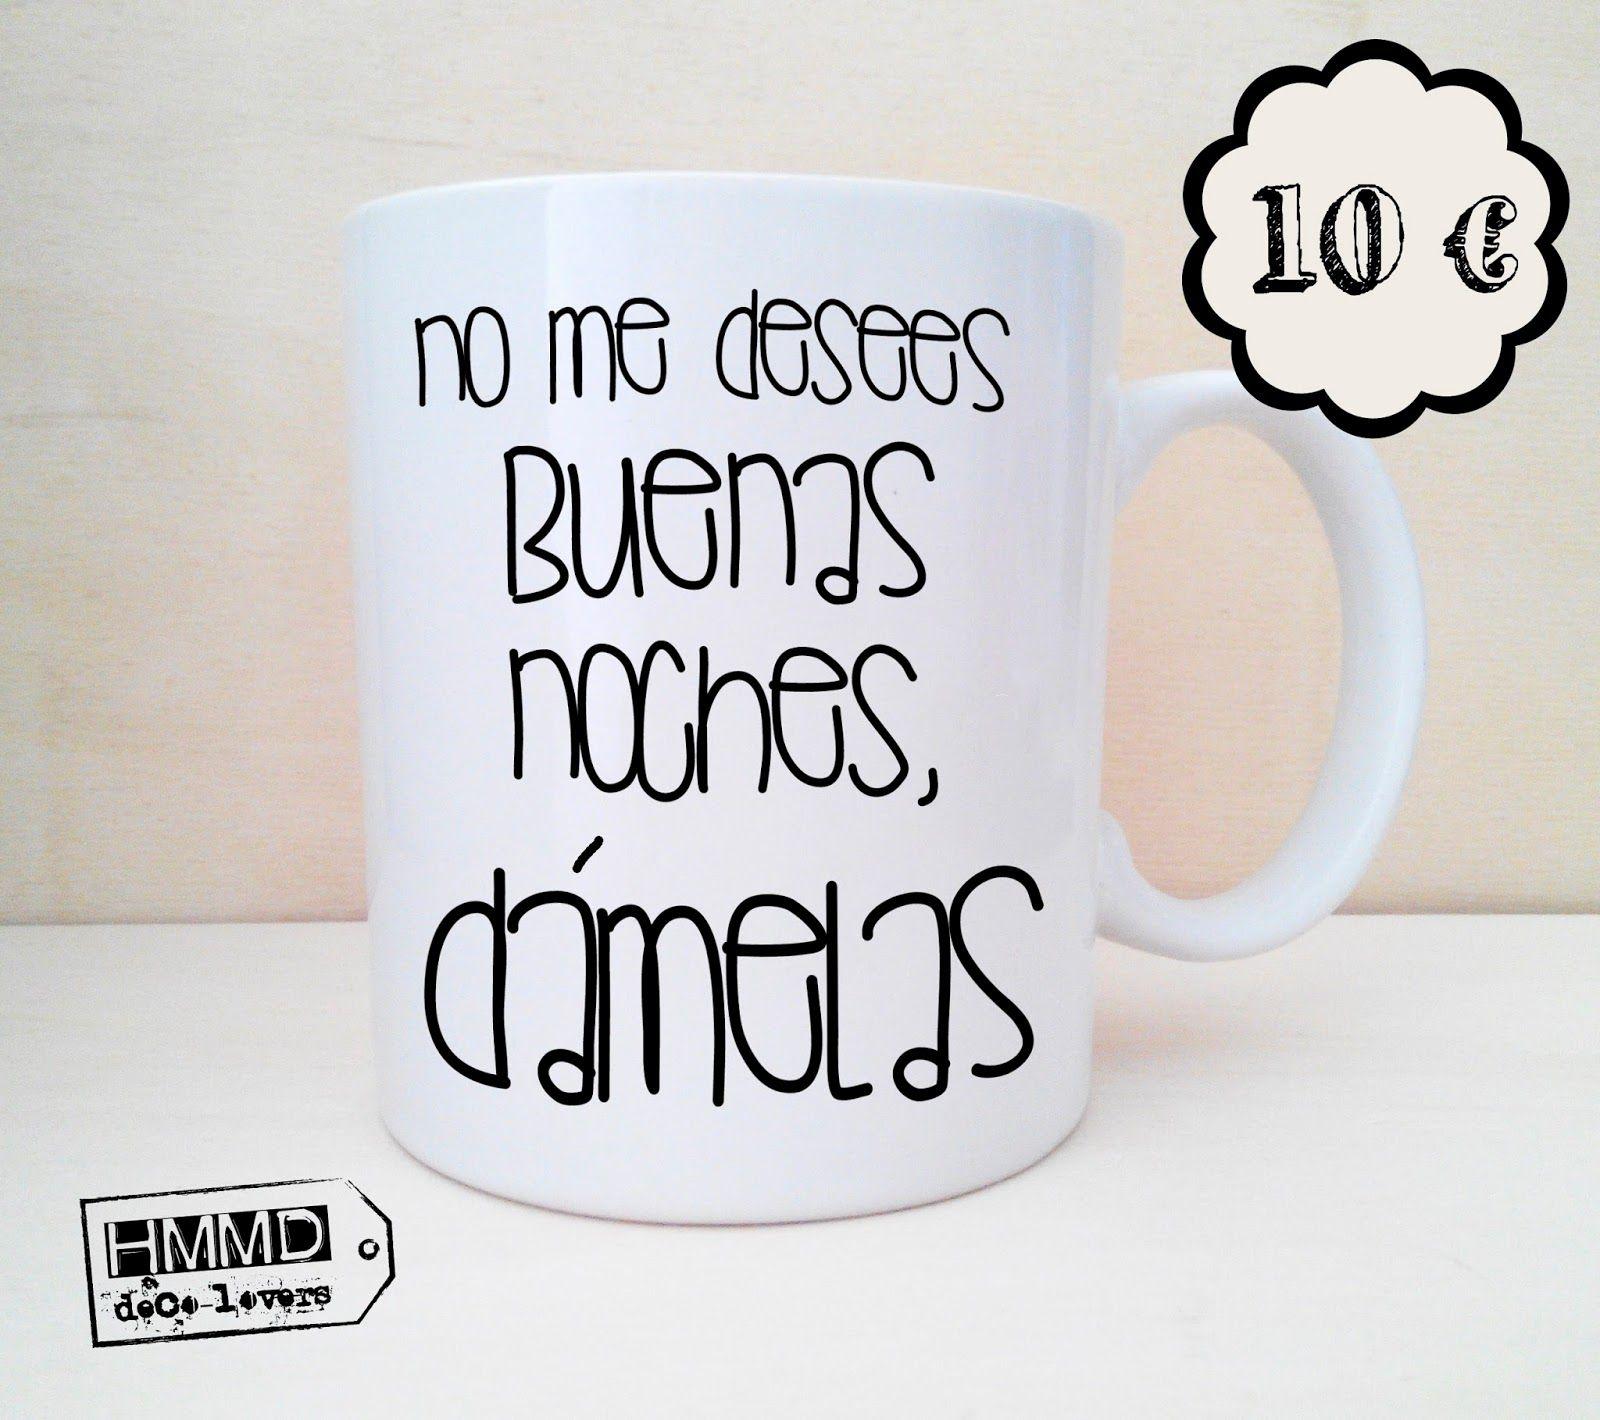 Colecci n de tazas in love in love mugs collection 14 de febrero pinterest amor - Cocinas buenas y baratas ...